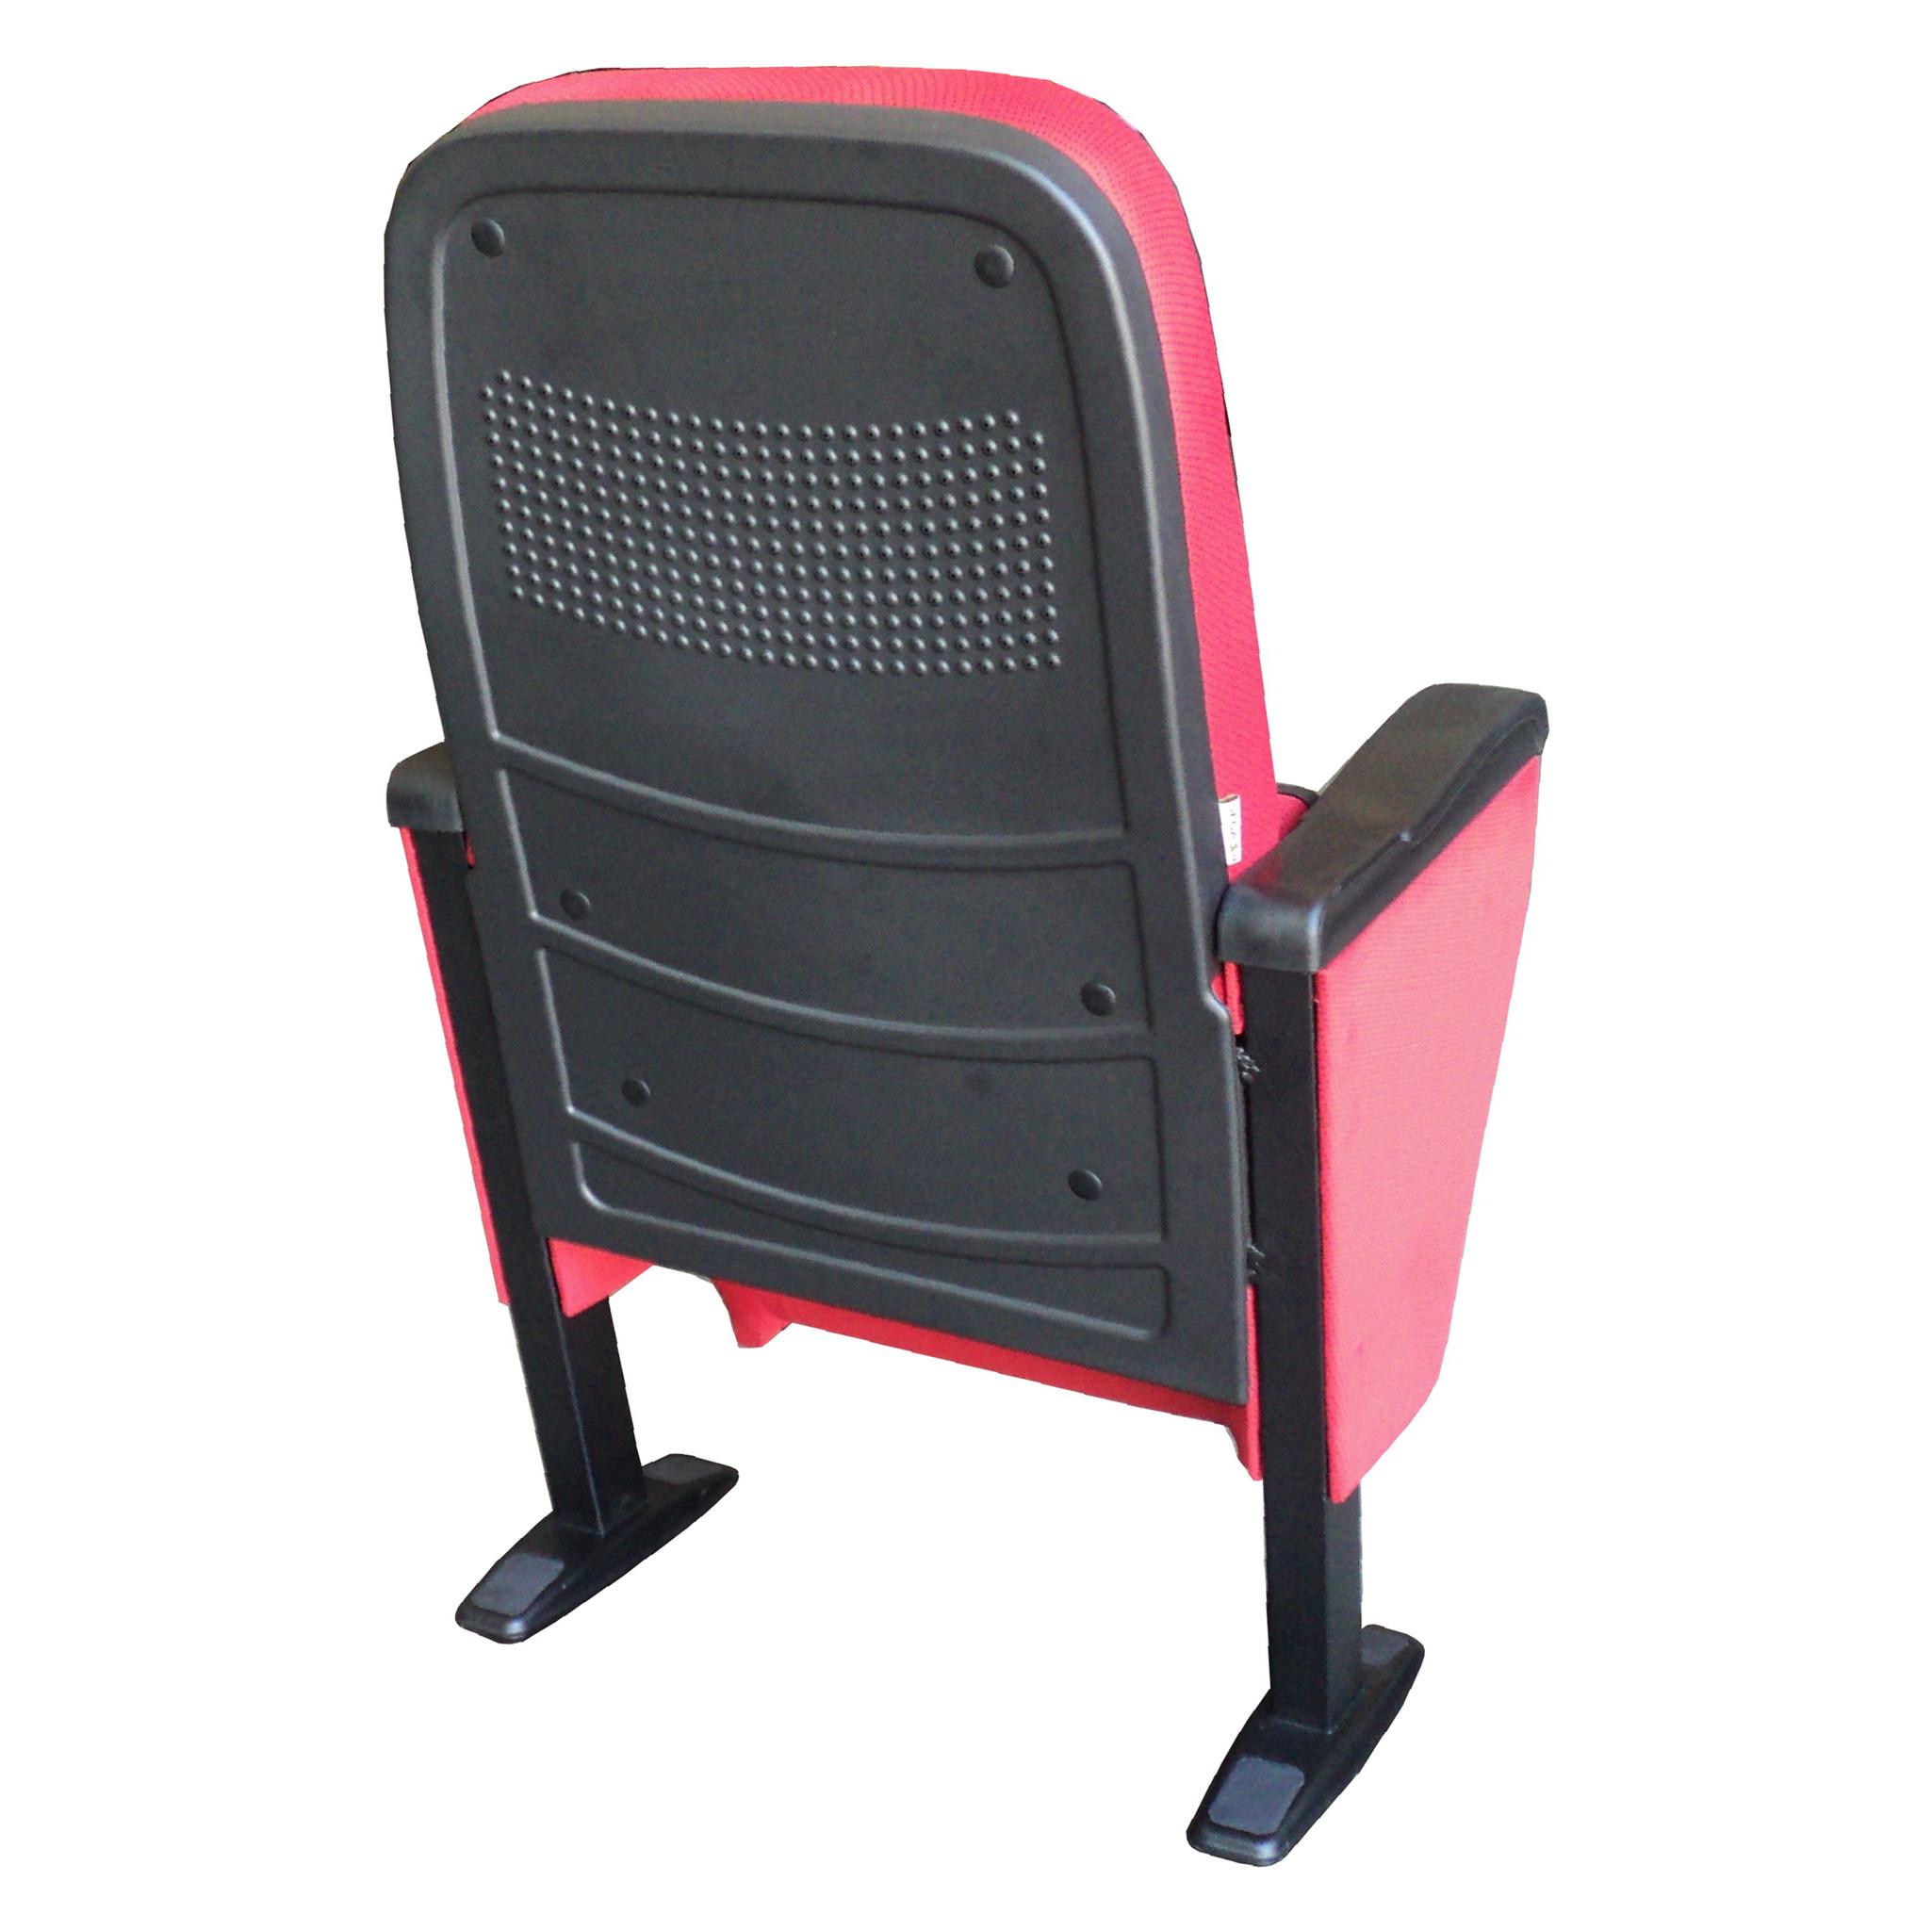 BOLTON P20 - Auditorium, Theatre, Lecture Hall Chair - Turkey - Seatorium - Public Seating Manufacturer